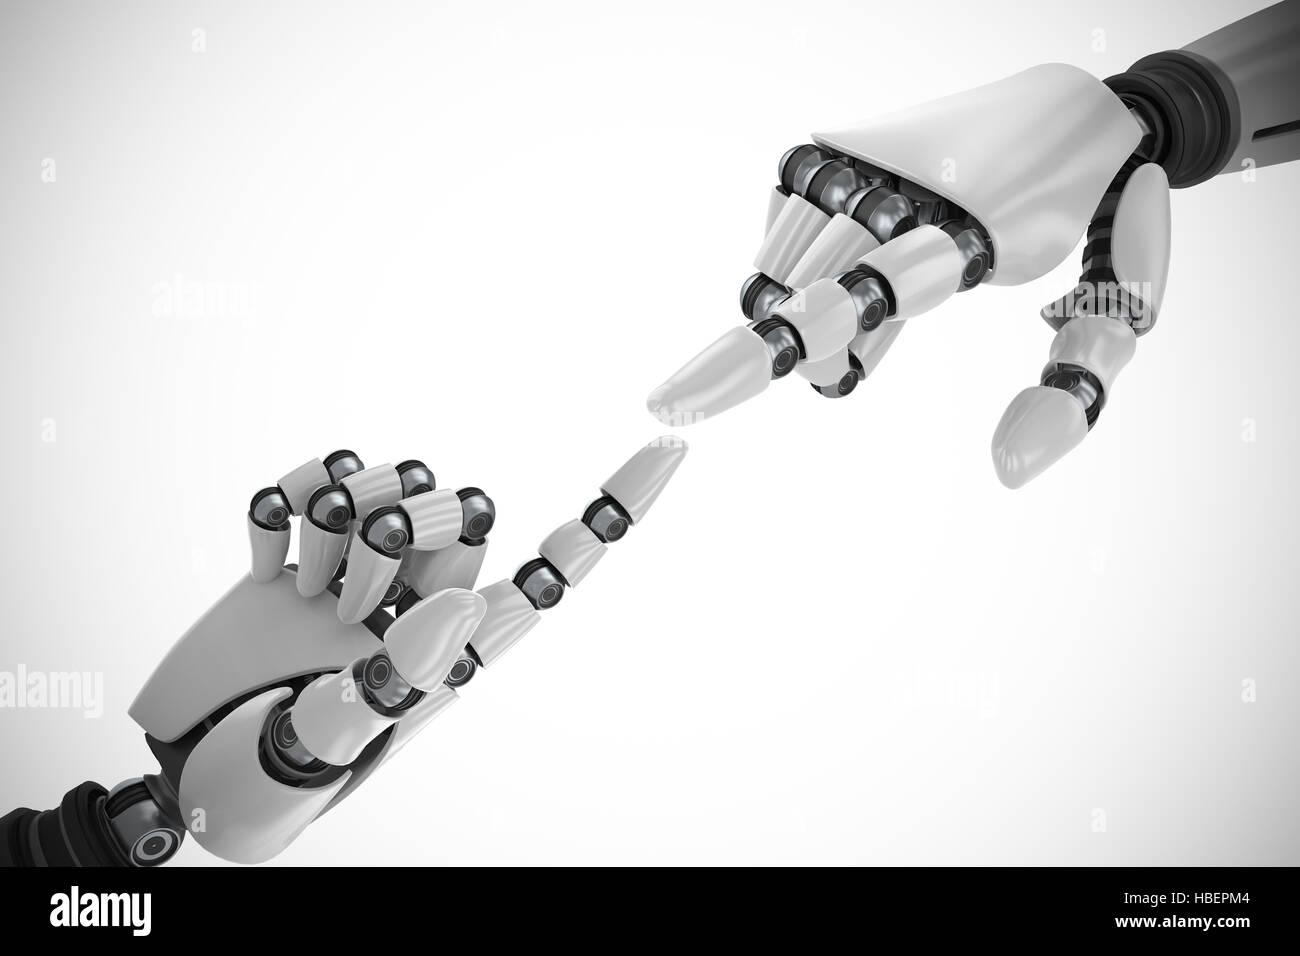 Immagine composita del robot bianco braccio rivolto a qualcosa di Immagini Stock